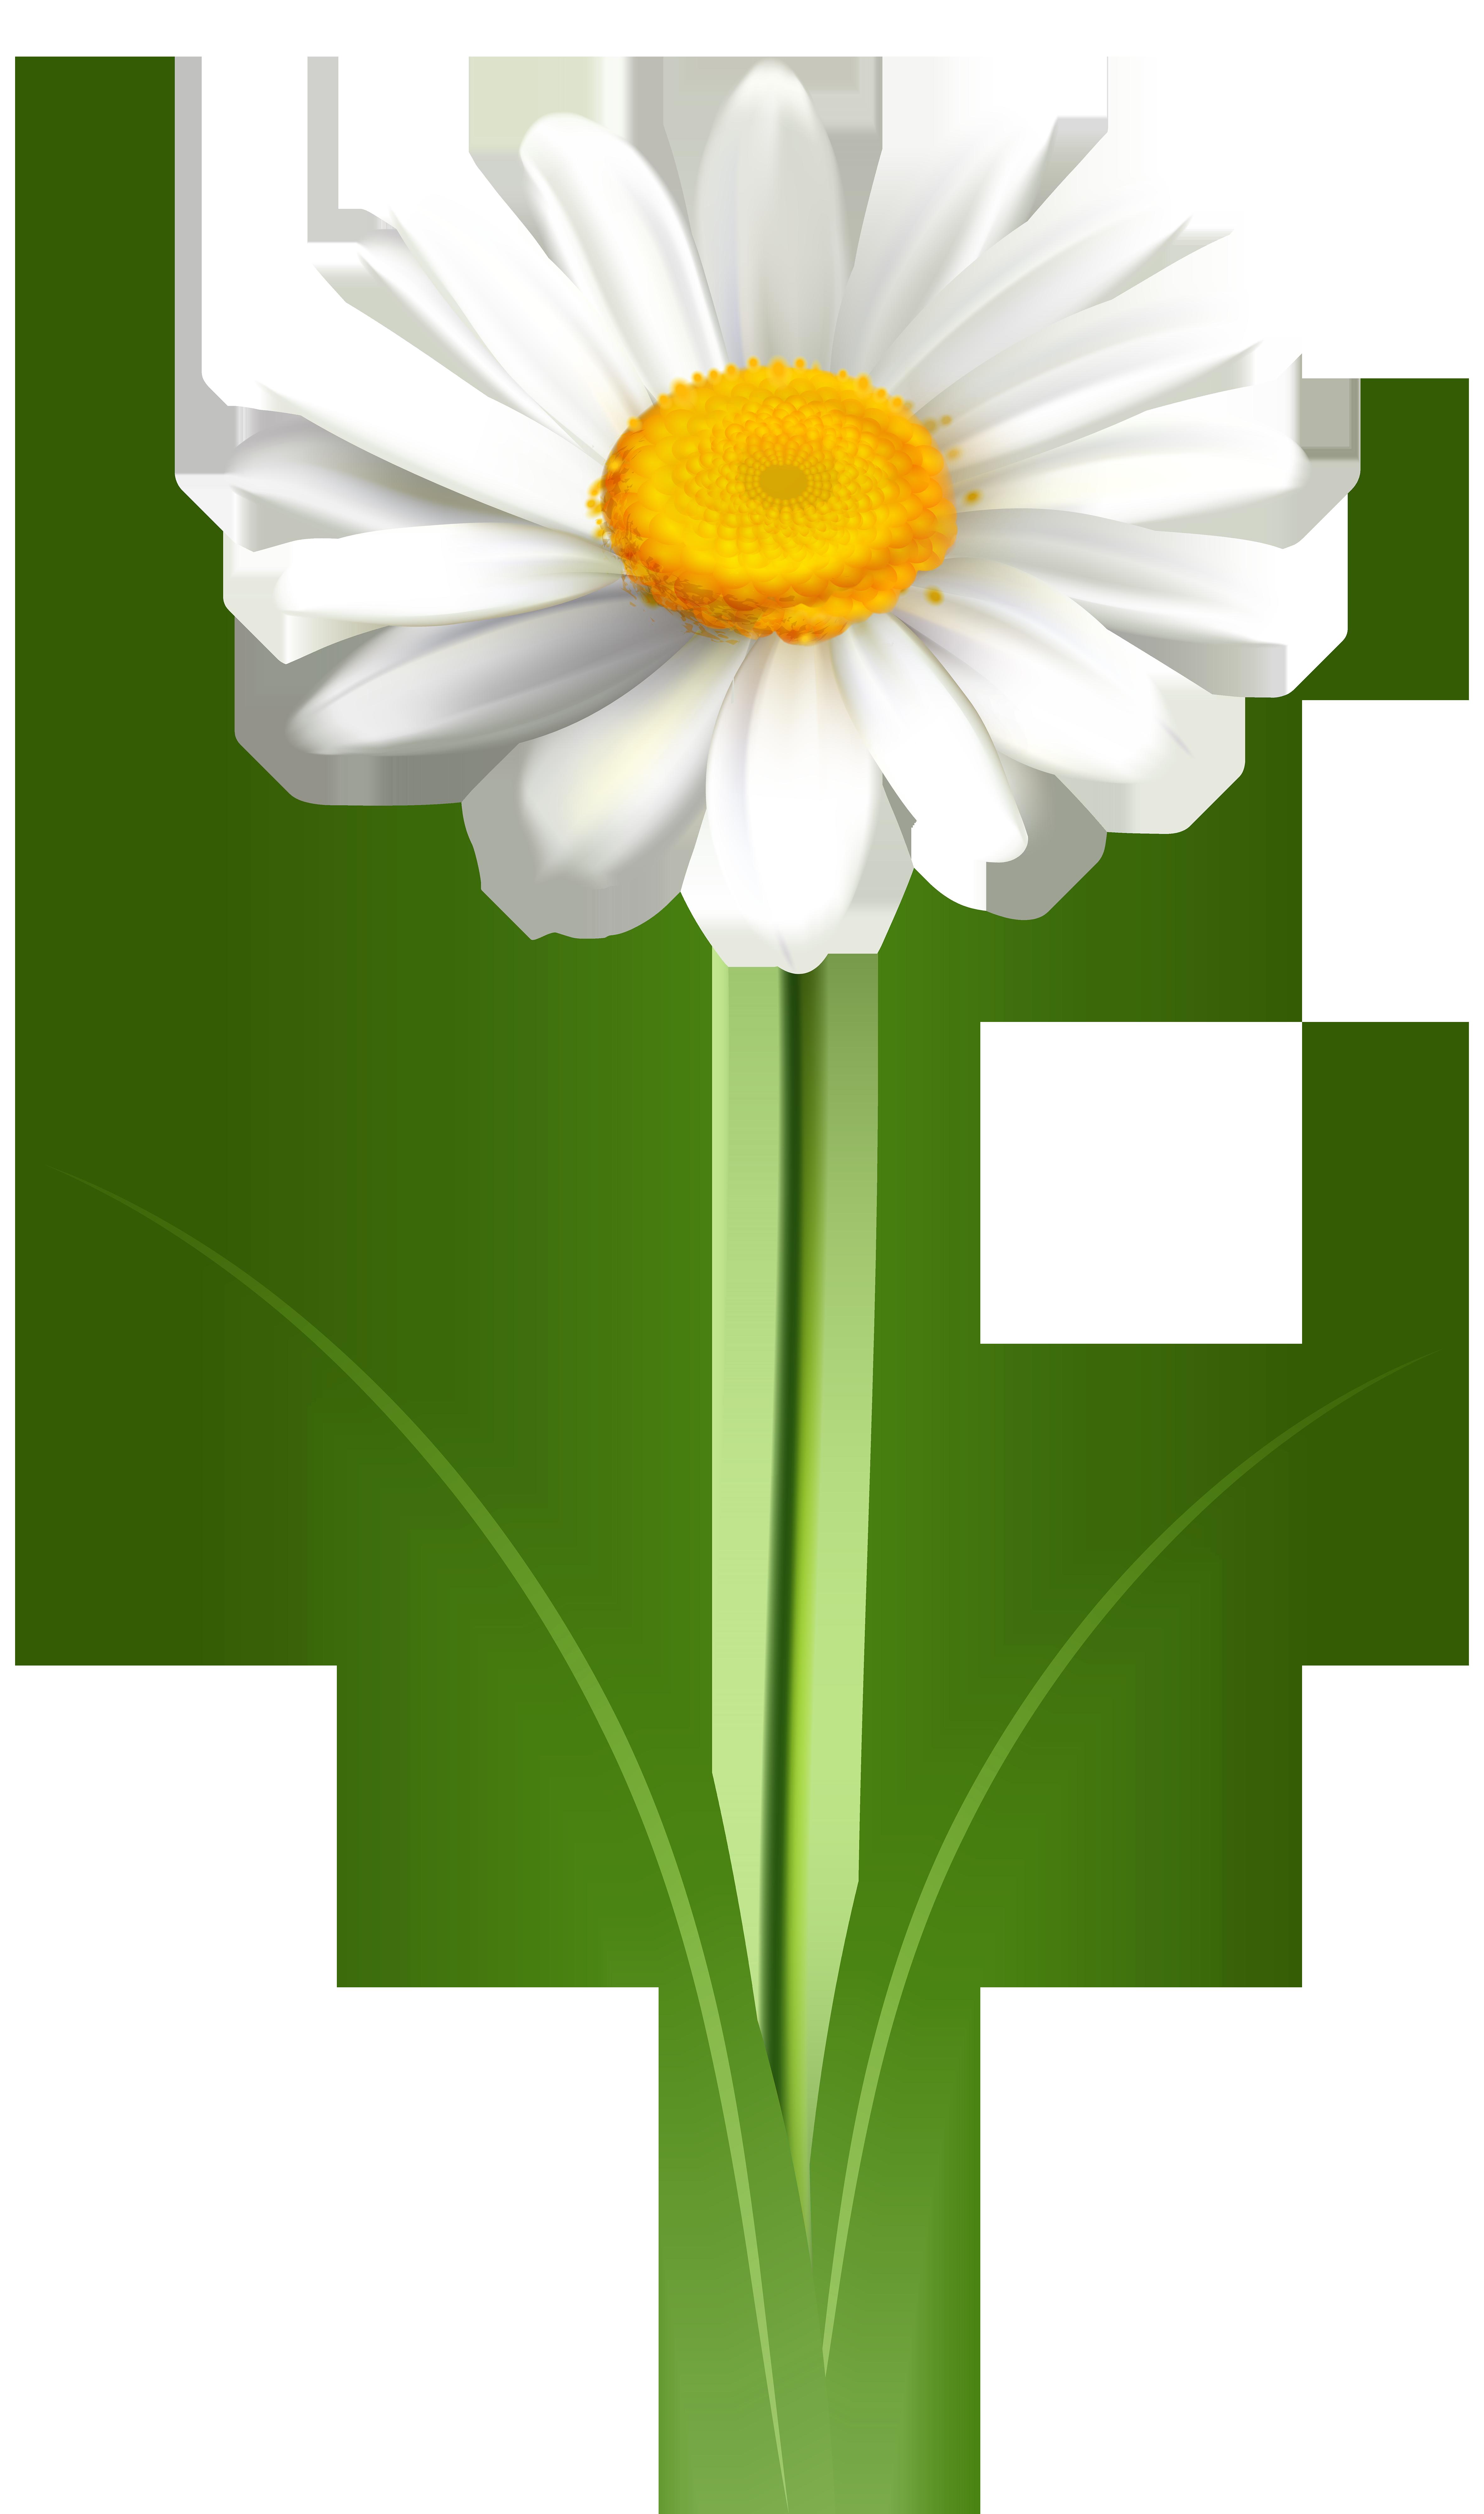 Daisy Flower Transparent PNG Clip Art Image.